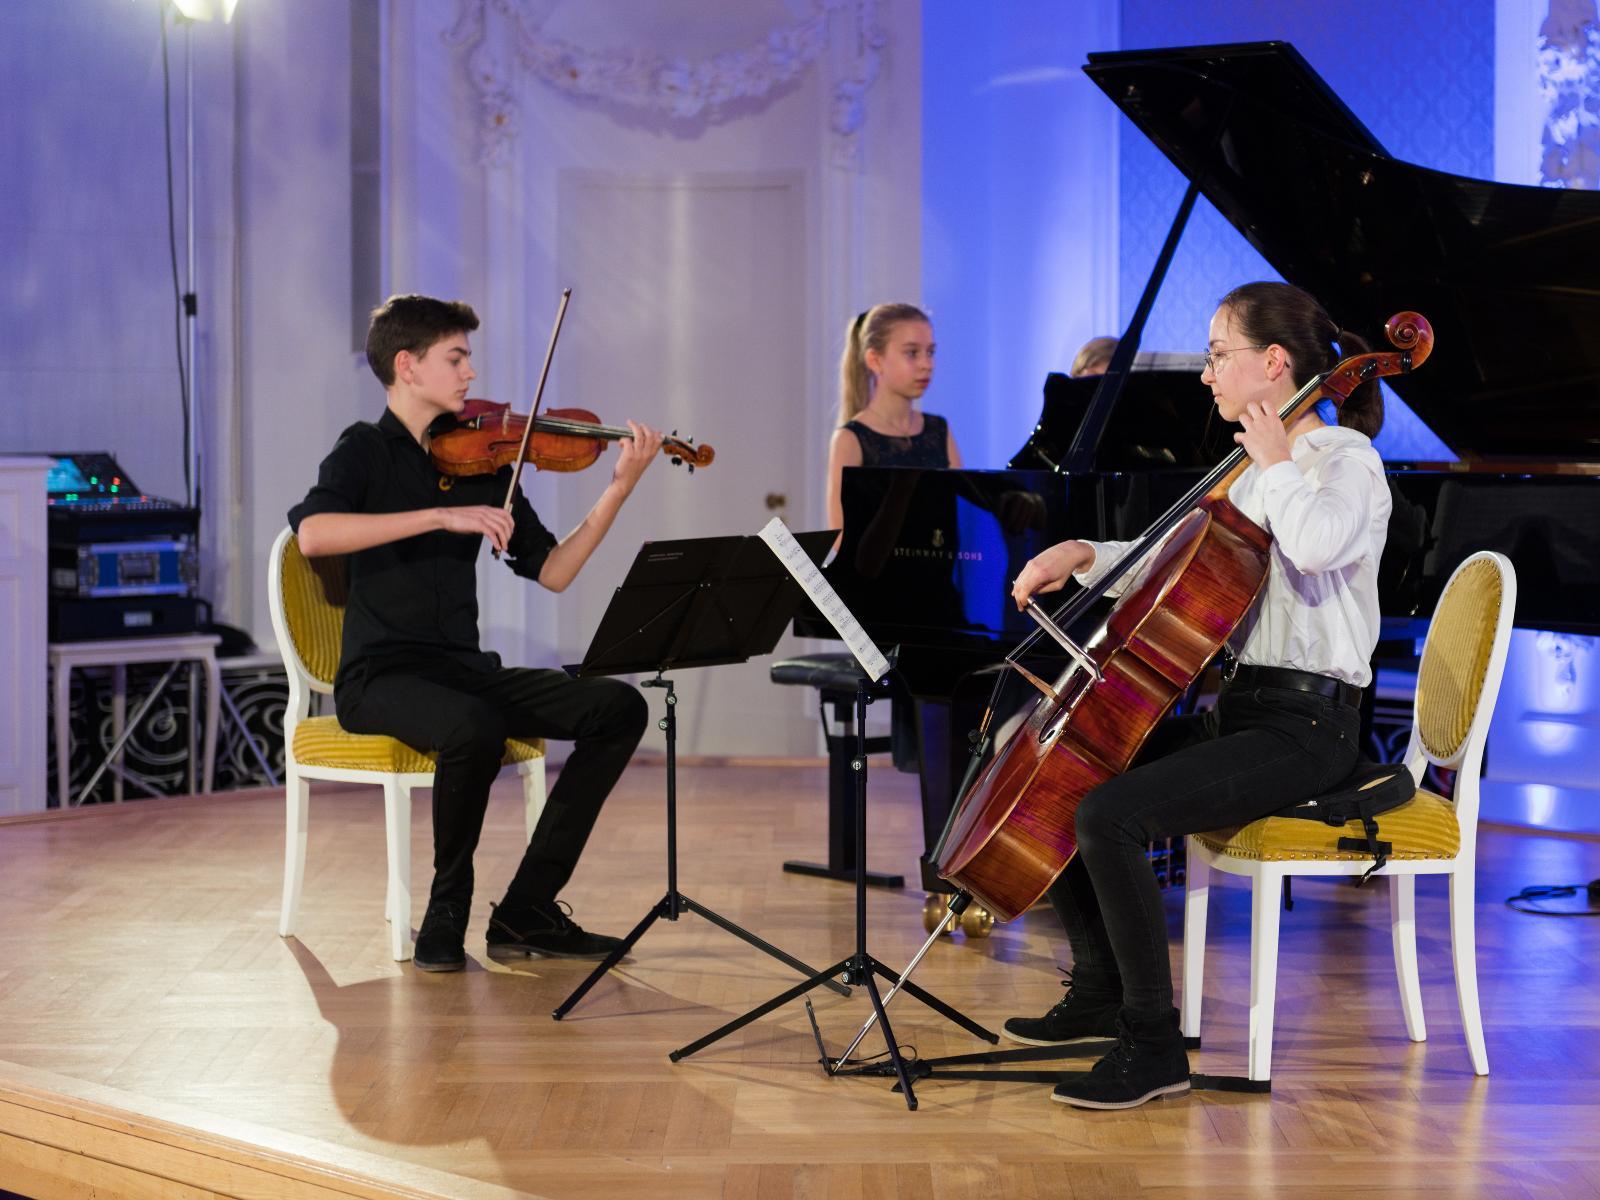 Franz Göbel, Pamina Seiberling und Frida Spaethe